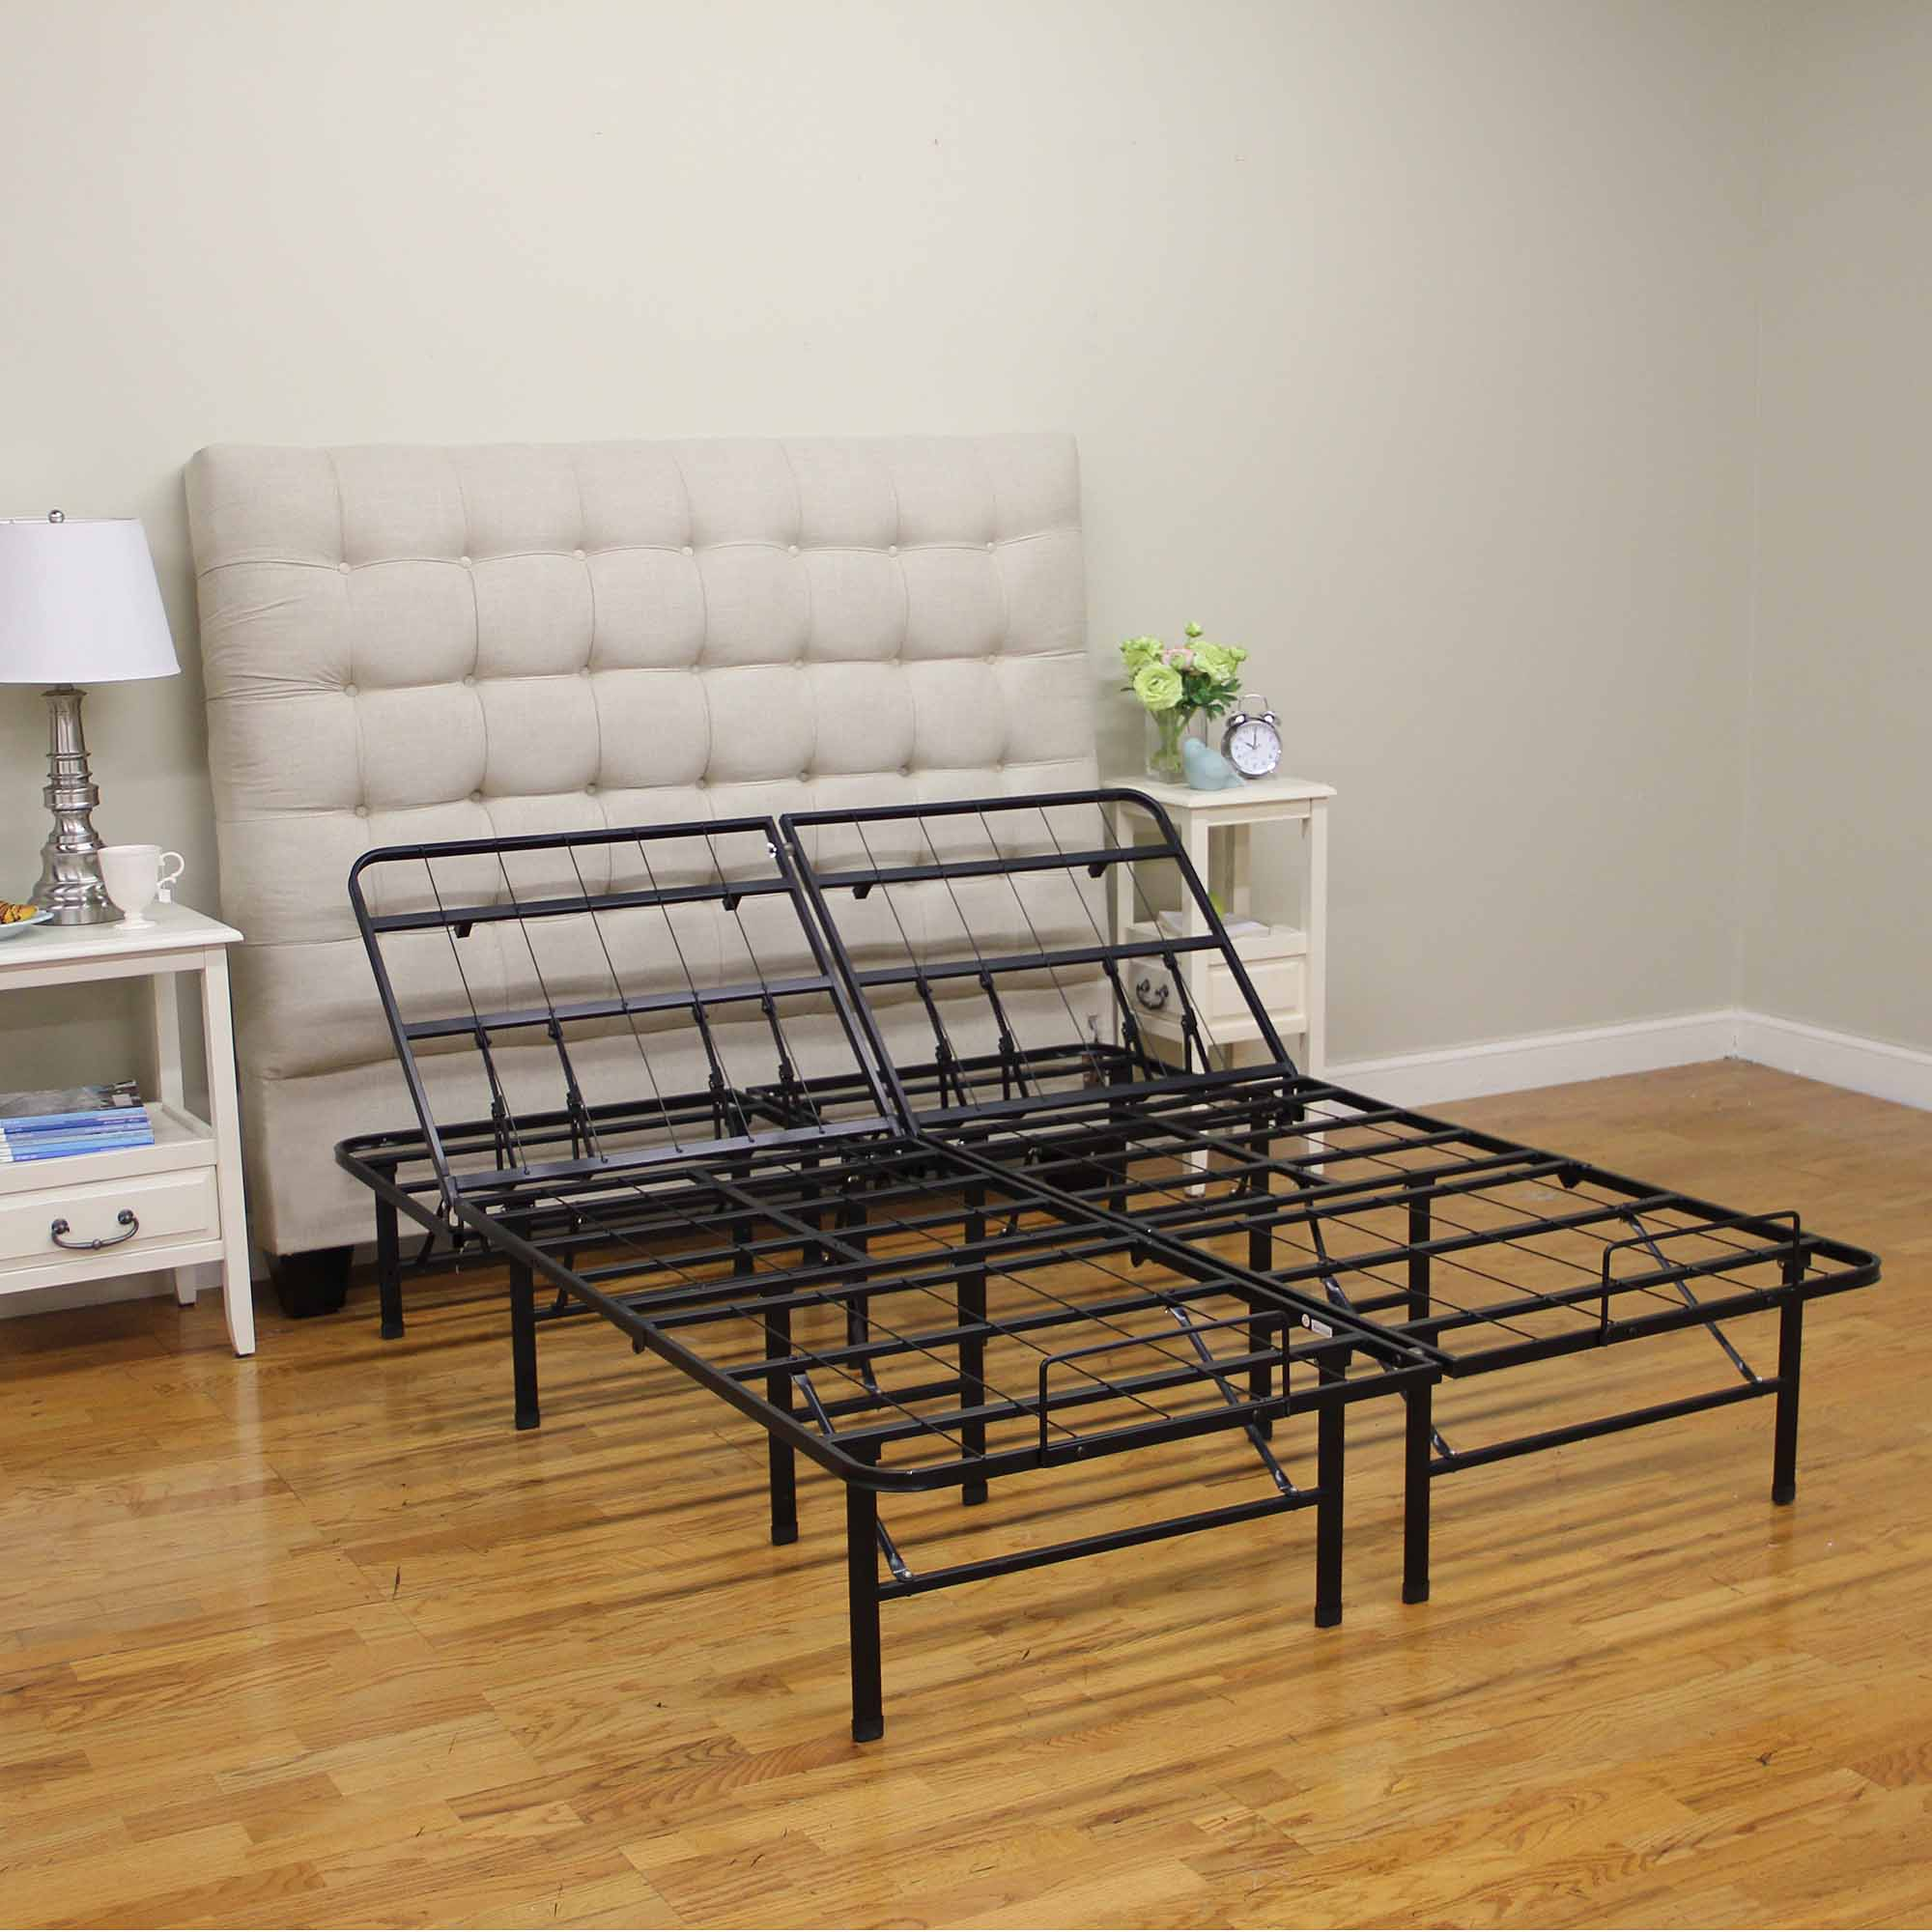 modern sleep adjustable platform metal bed frame walmartcom - Queen Size Adjustable Bed Frame